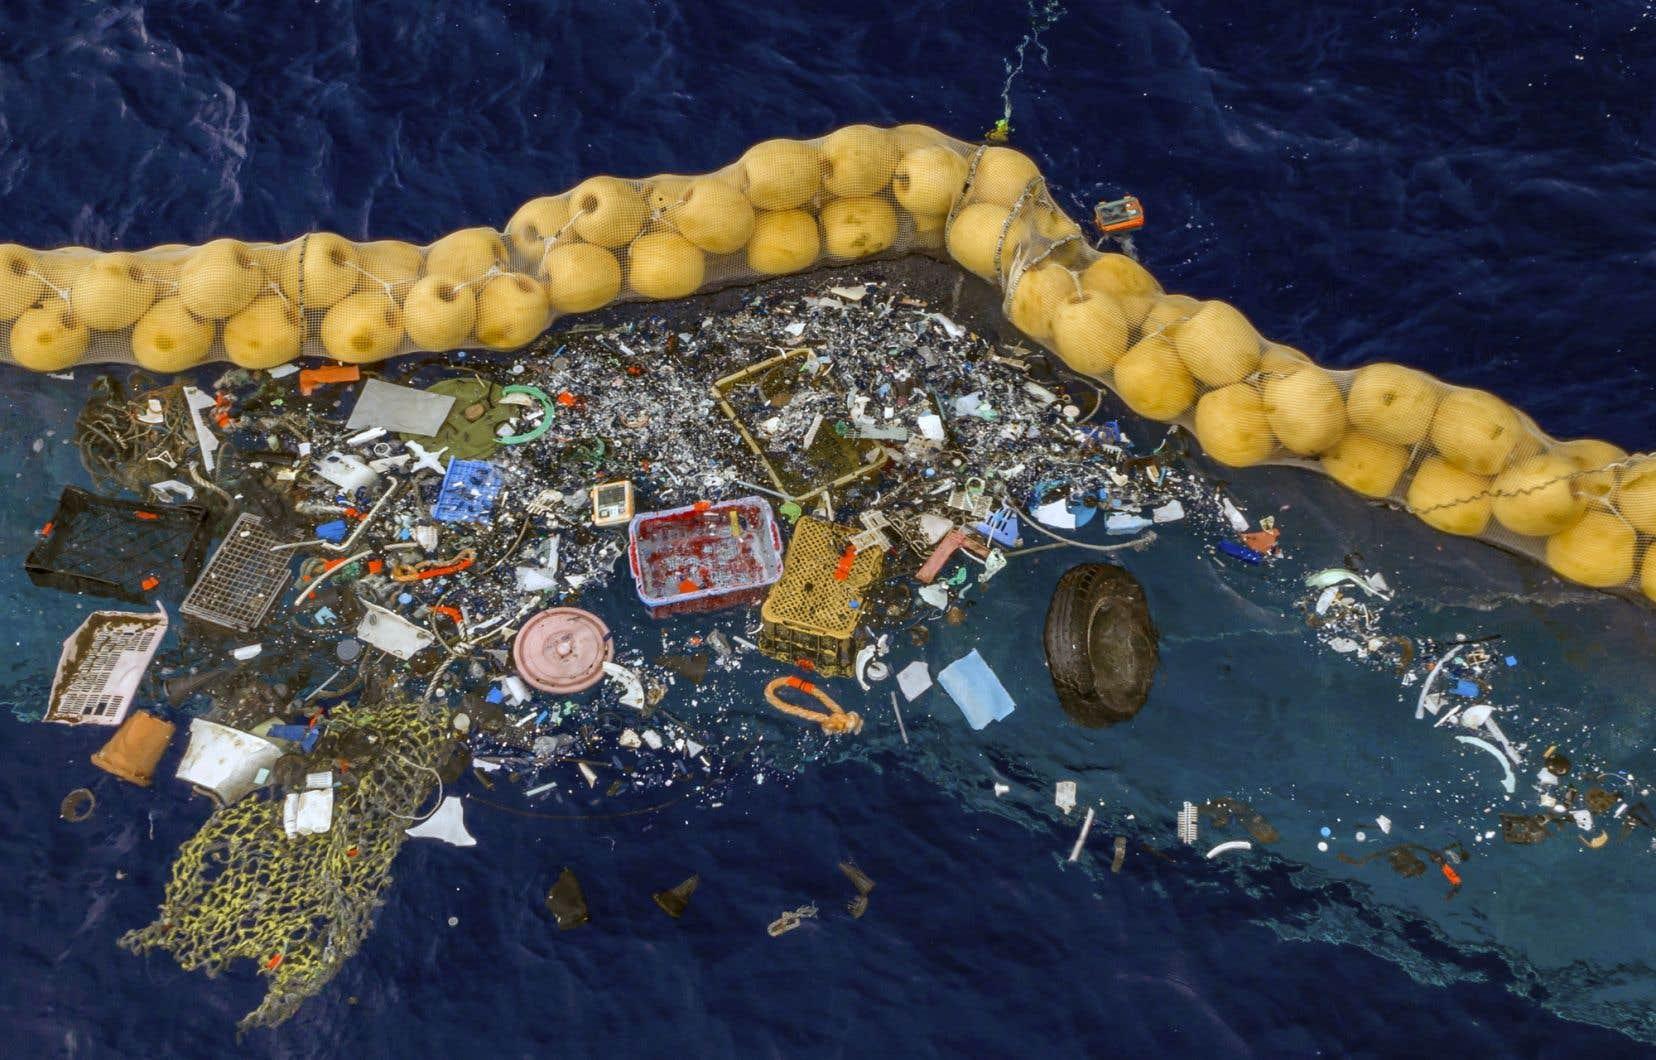 L'organisation The Ocean Cleanupapublié des photos montrant une récolte de filets de pêche, de divers objets en plastique et même d'un pneu.